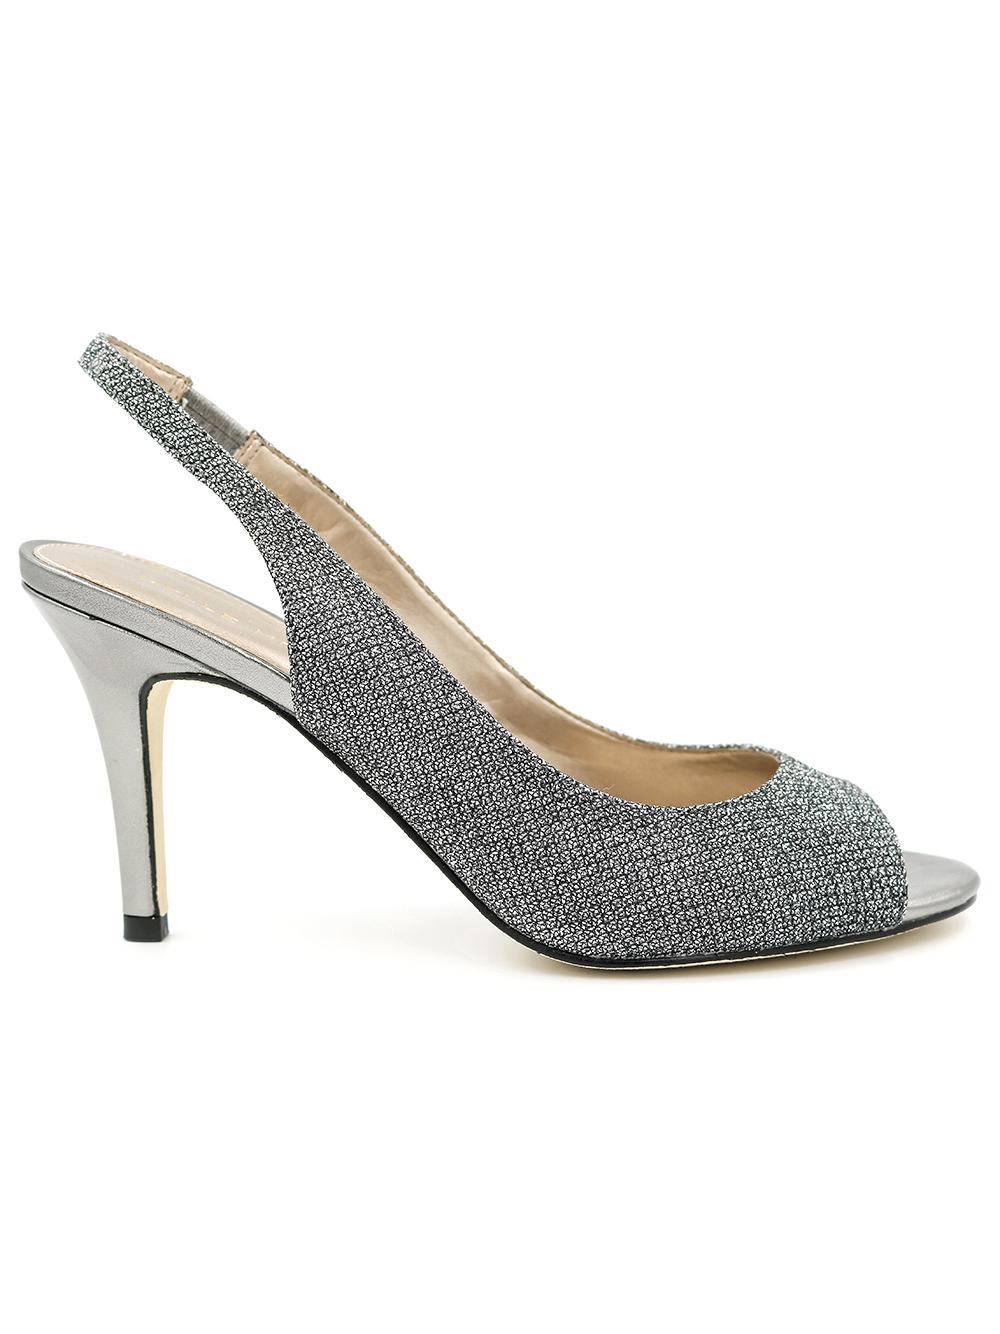 Slingback Peeptoe High Heel